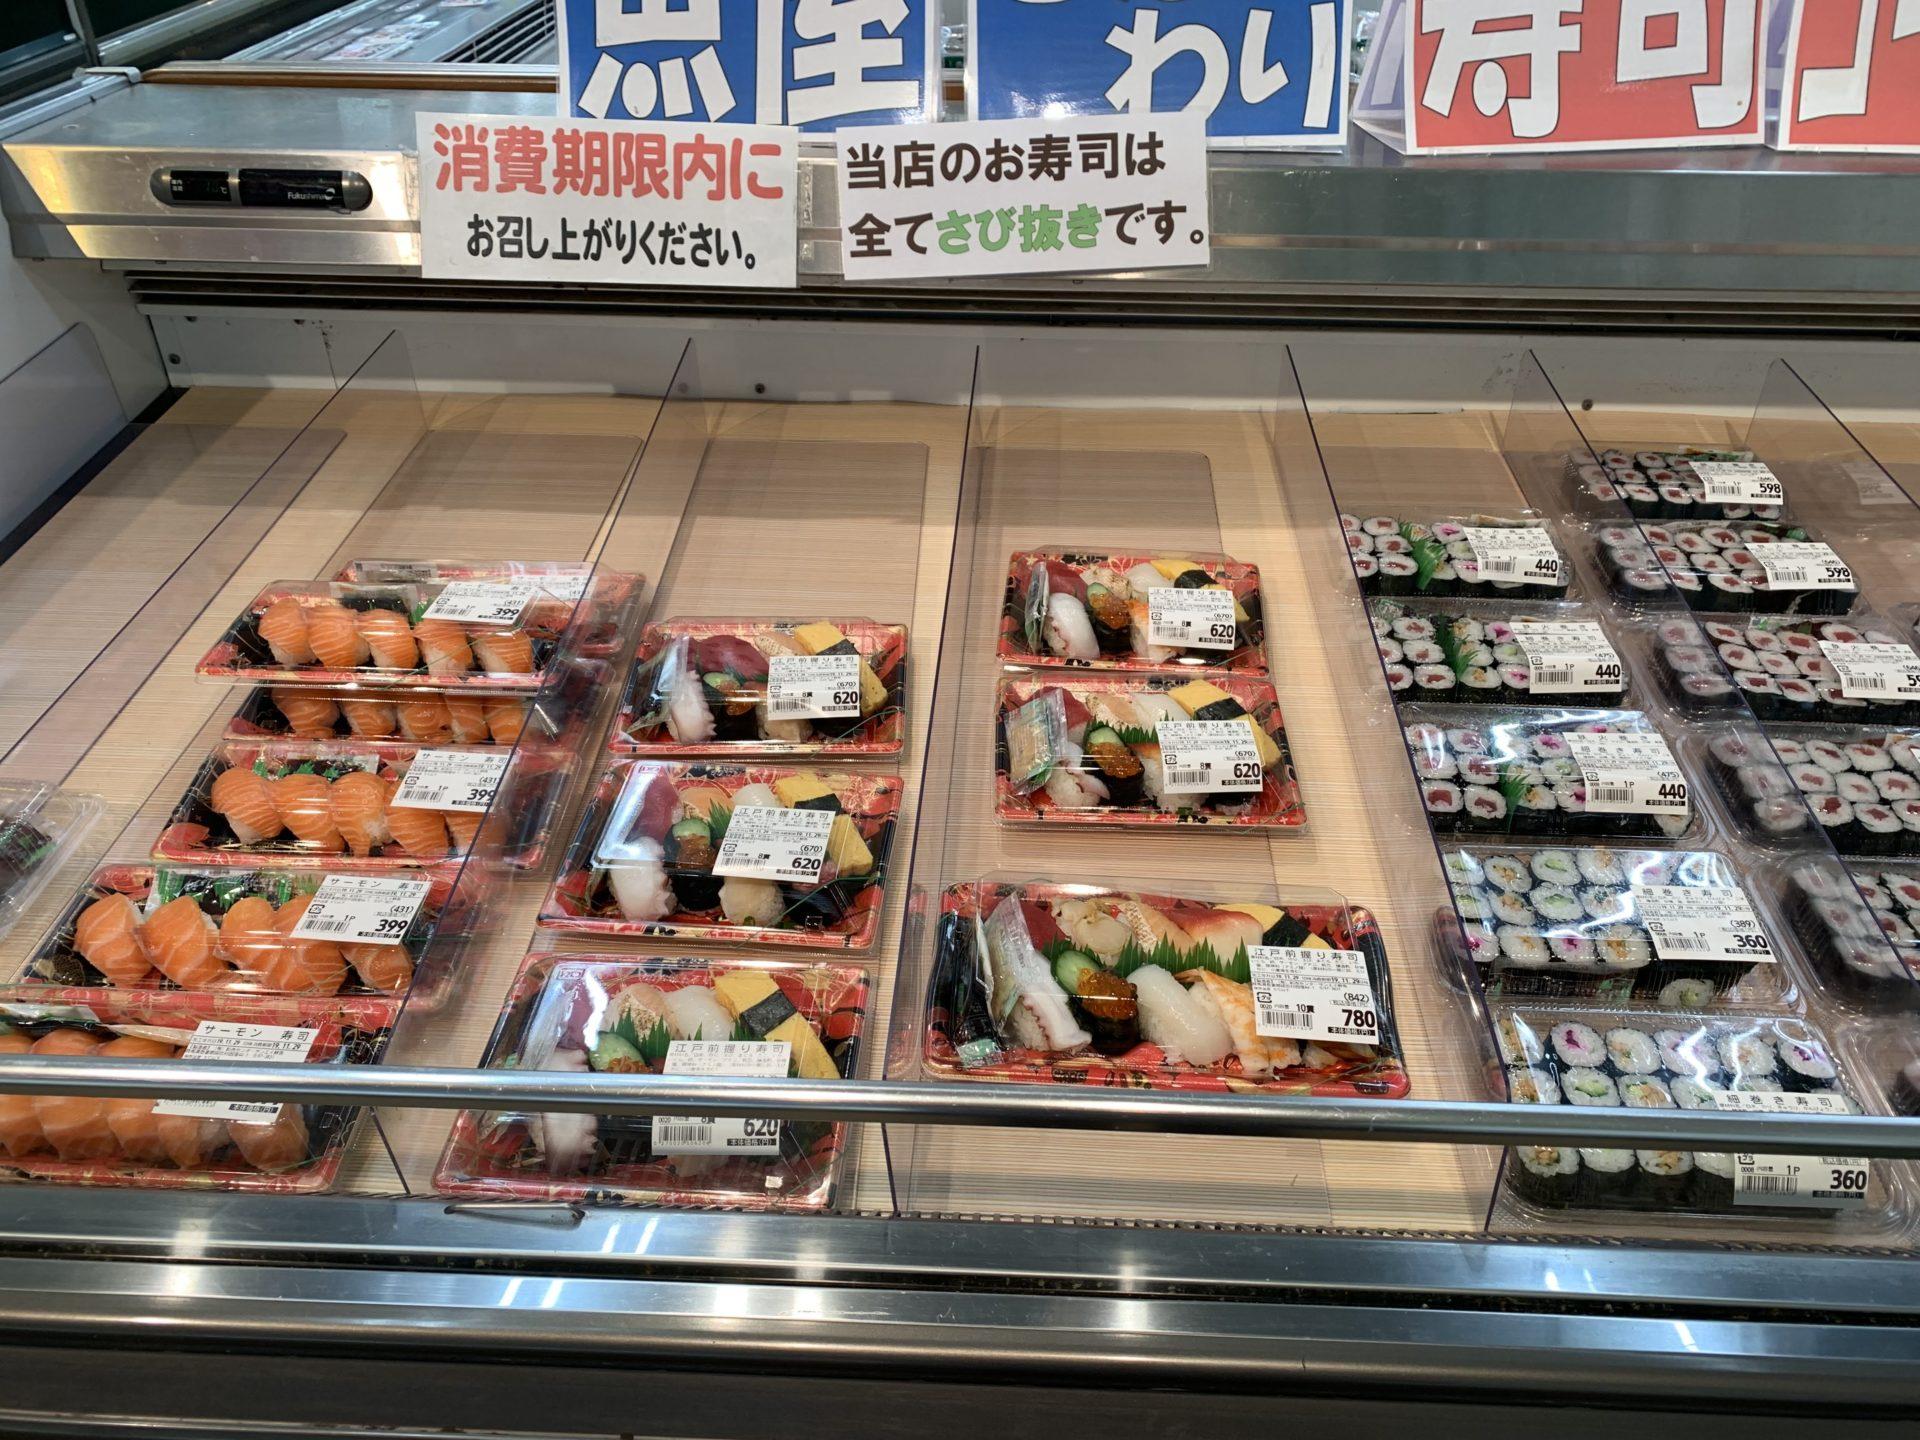 卸売センター「サンエイ」店内のお寿司コーナー